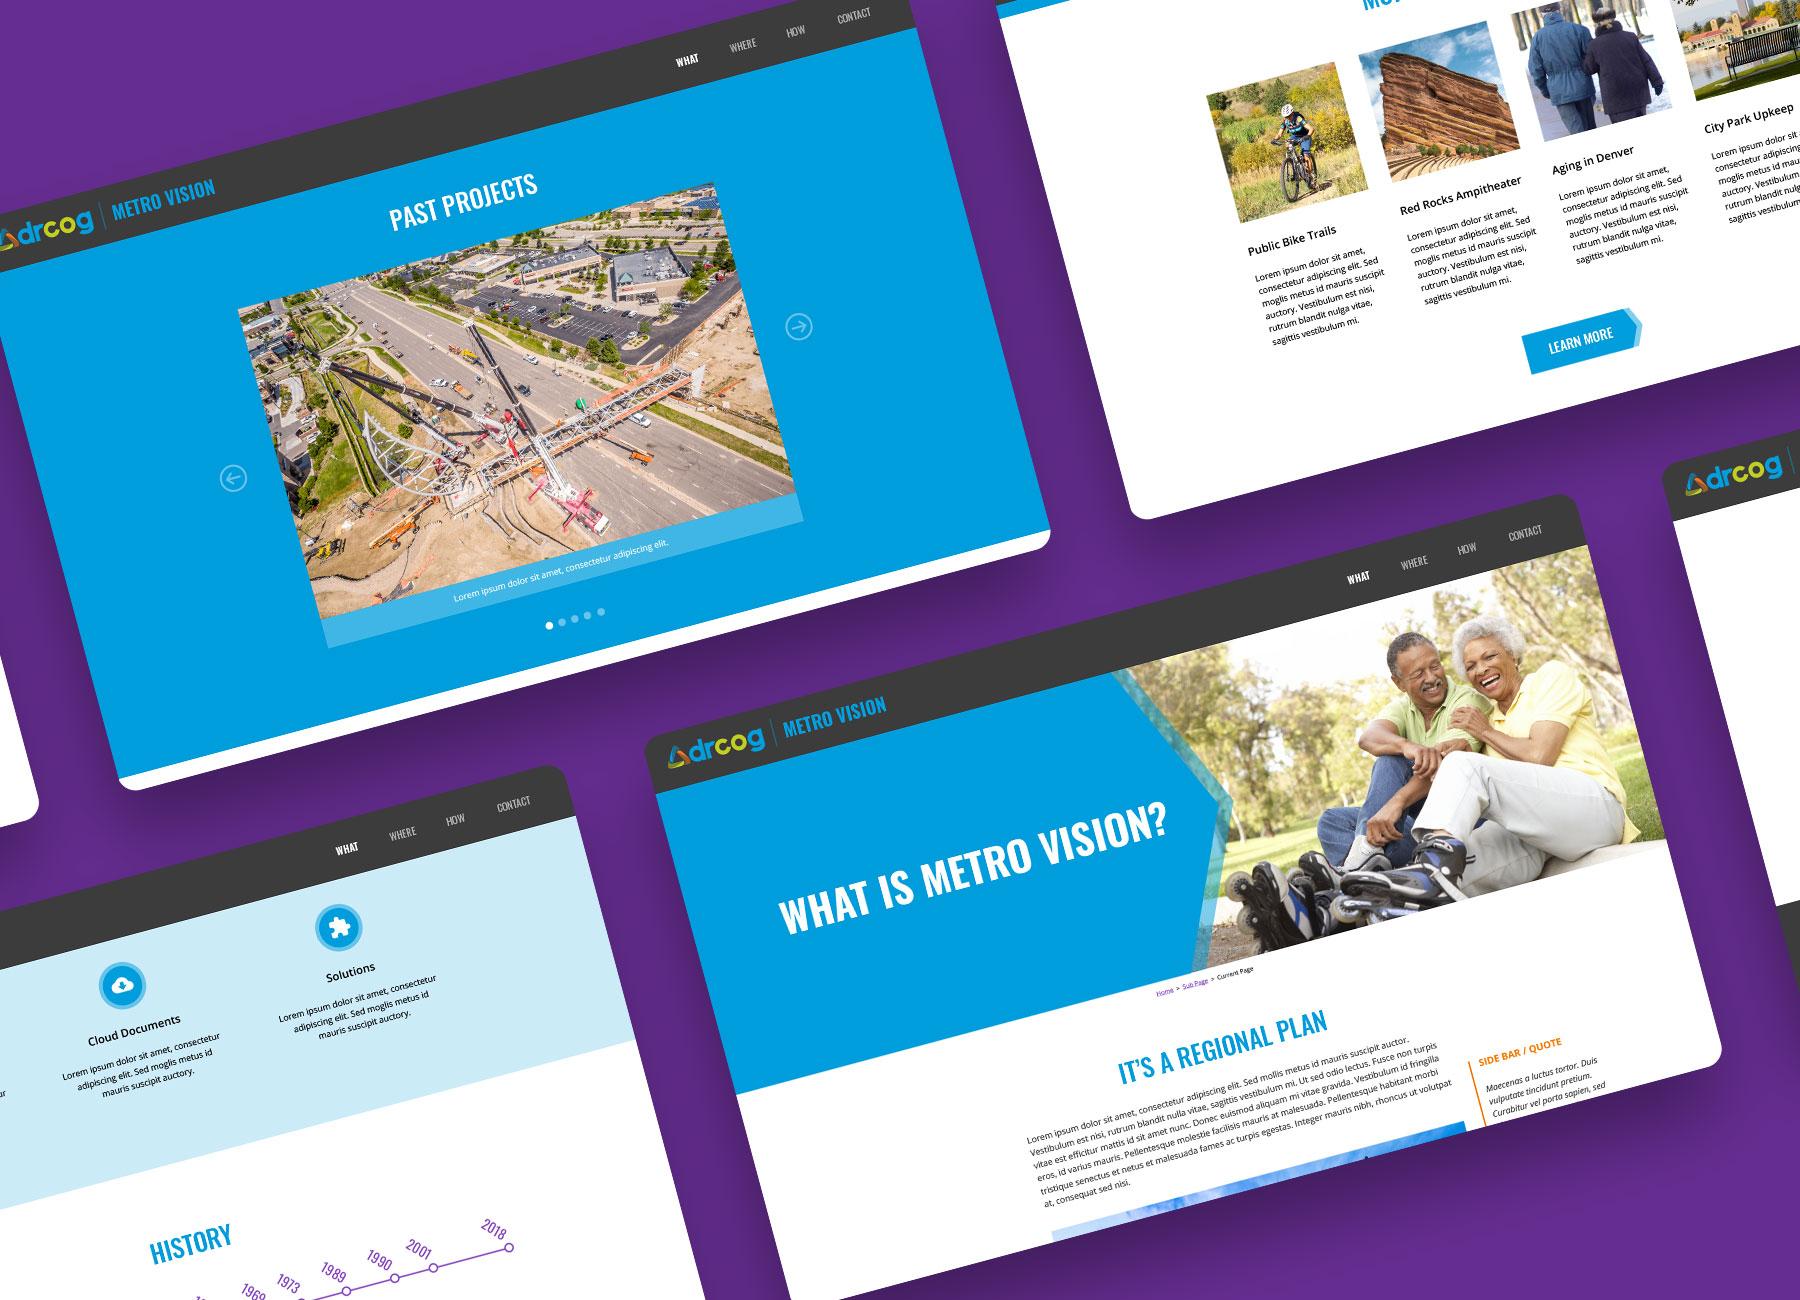 metro vision website design